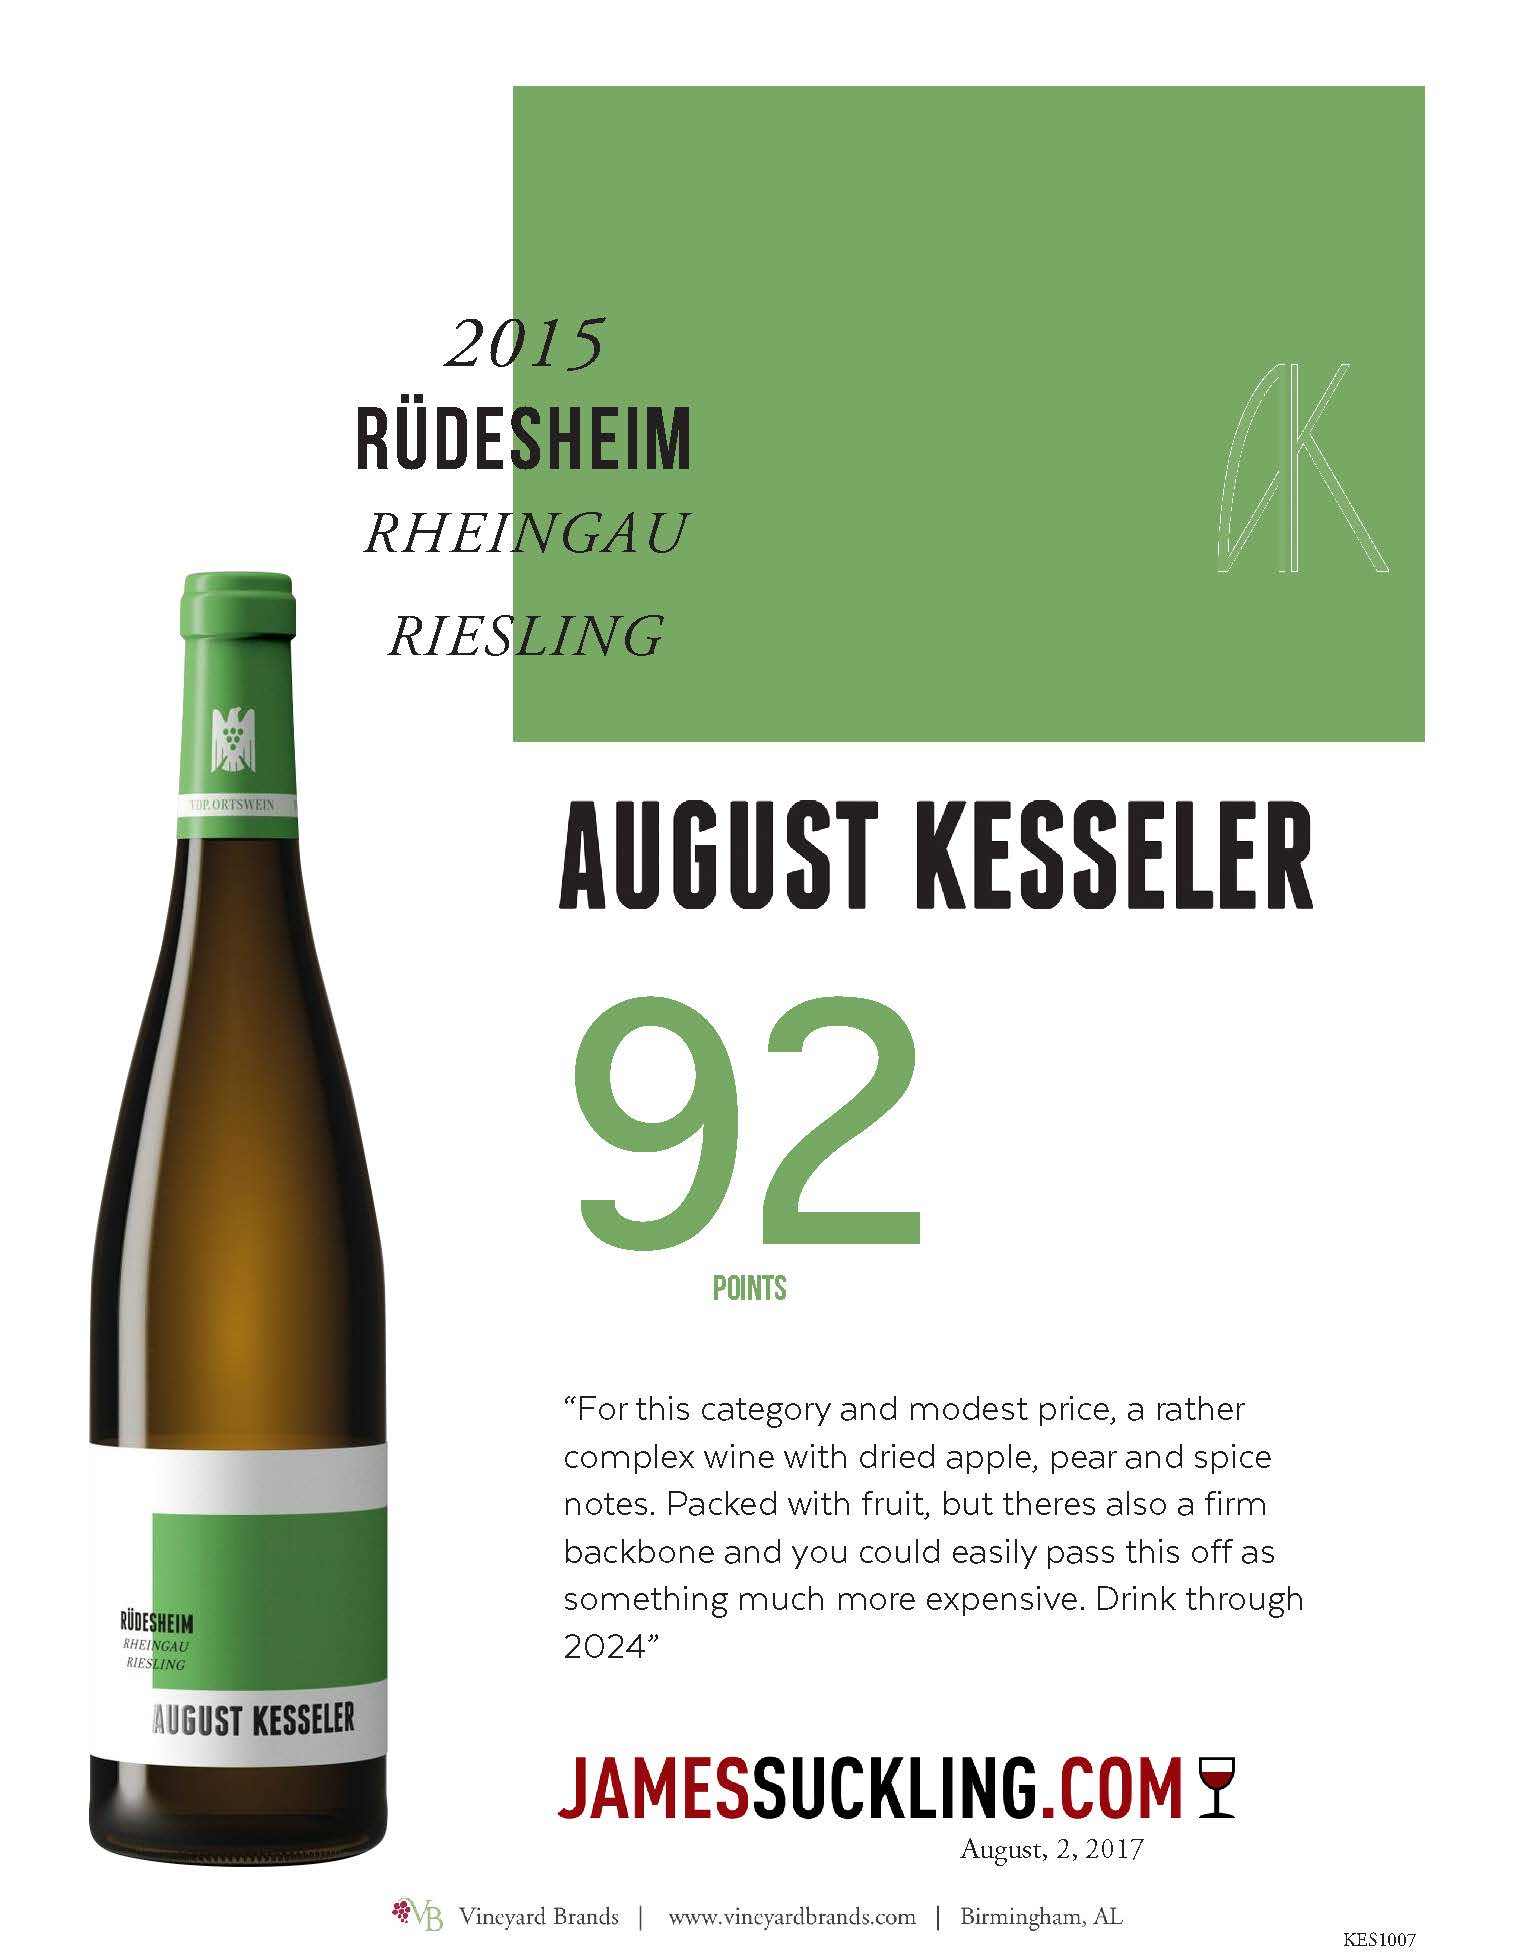 August Kesseler Rudesheim rheingau riesling 2015.jpg